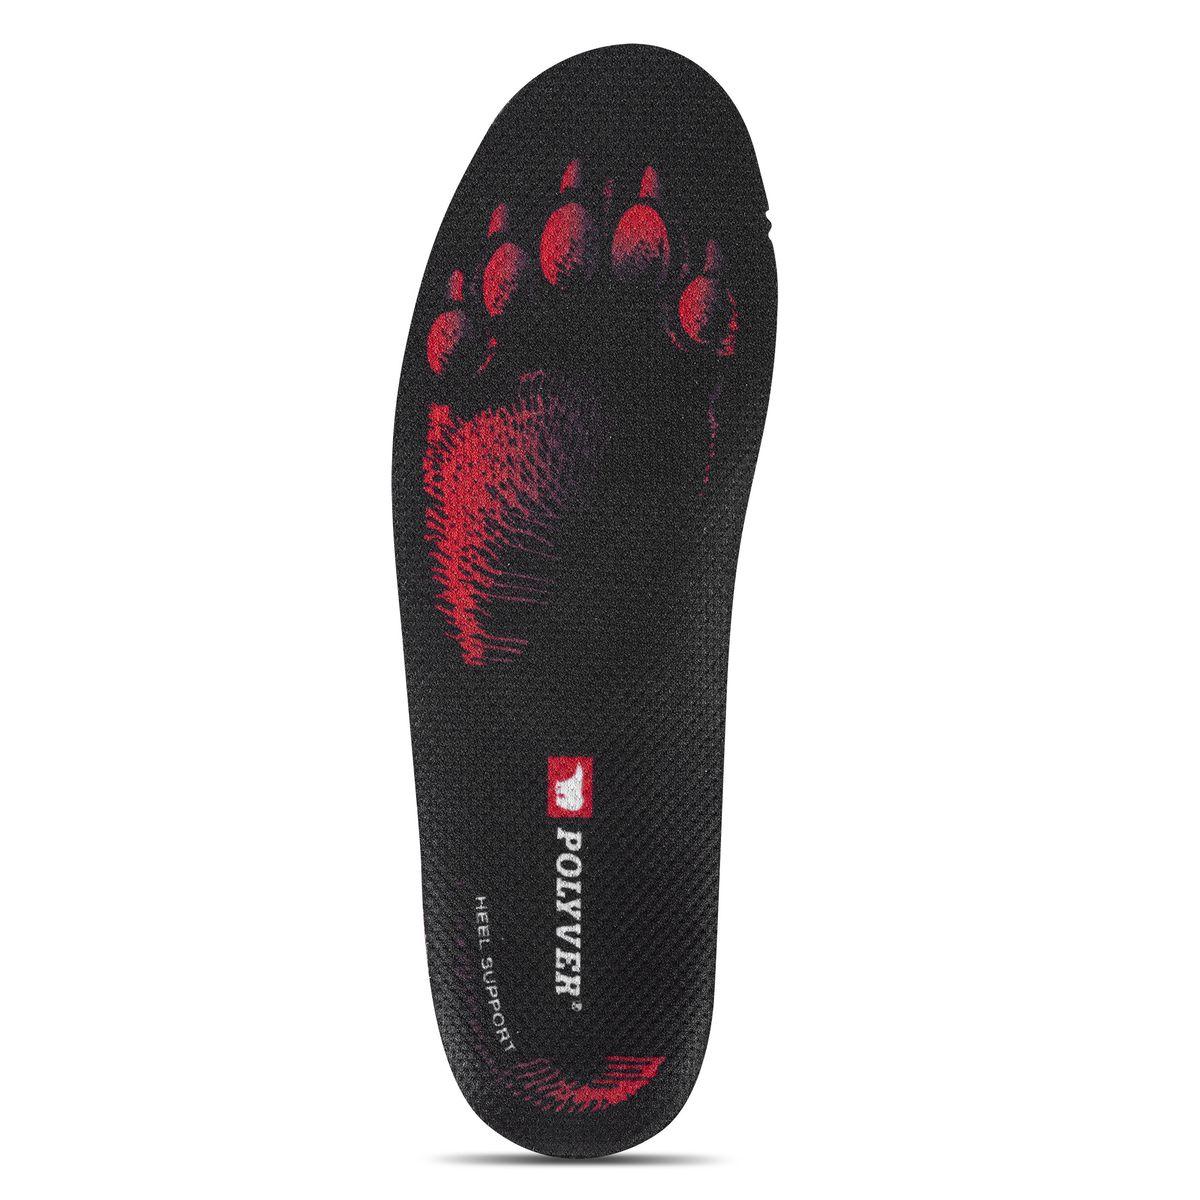 Стельки мужские POLYVER PREMIUM, цвет: красно-черный. Размер: 40-41AM-INSO-4Термоизоляционные стельки Polyver отлично защищают ноги от холода при этом отводя лишнюю влагу. Стельки состоят из трех слоев: впитывающий влагу, амортизационный, термоизоляционный. Комфорт: - анатомическая форма с поддержкой пятки - стабилизация стопы для уменьшения боли с суставах - повышает устойчивость и уменьшает усталость - производятся только в Швеции